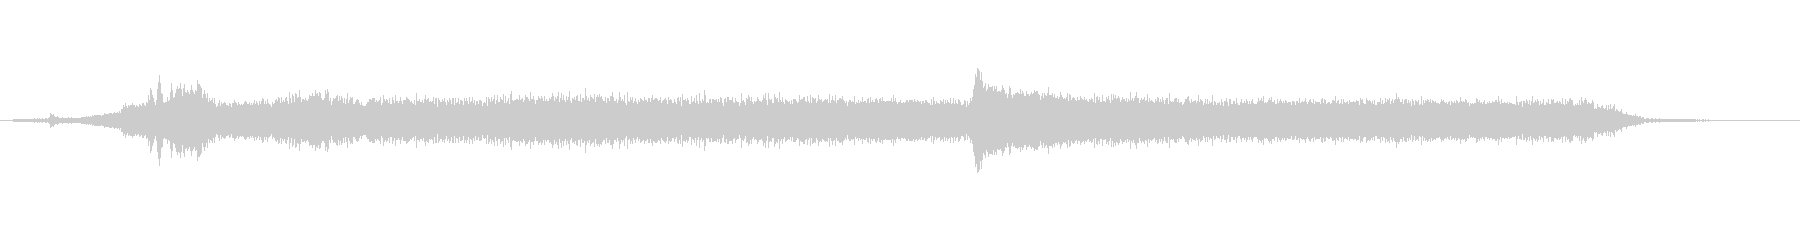 1980年代の電動スタートアイドル...の未再生の波形